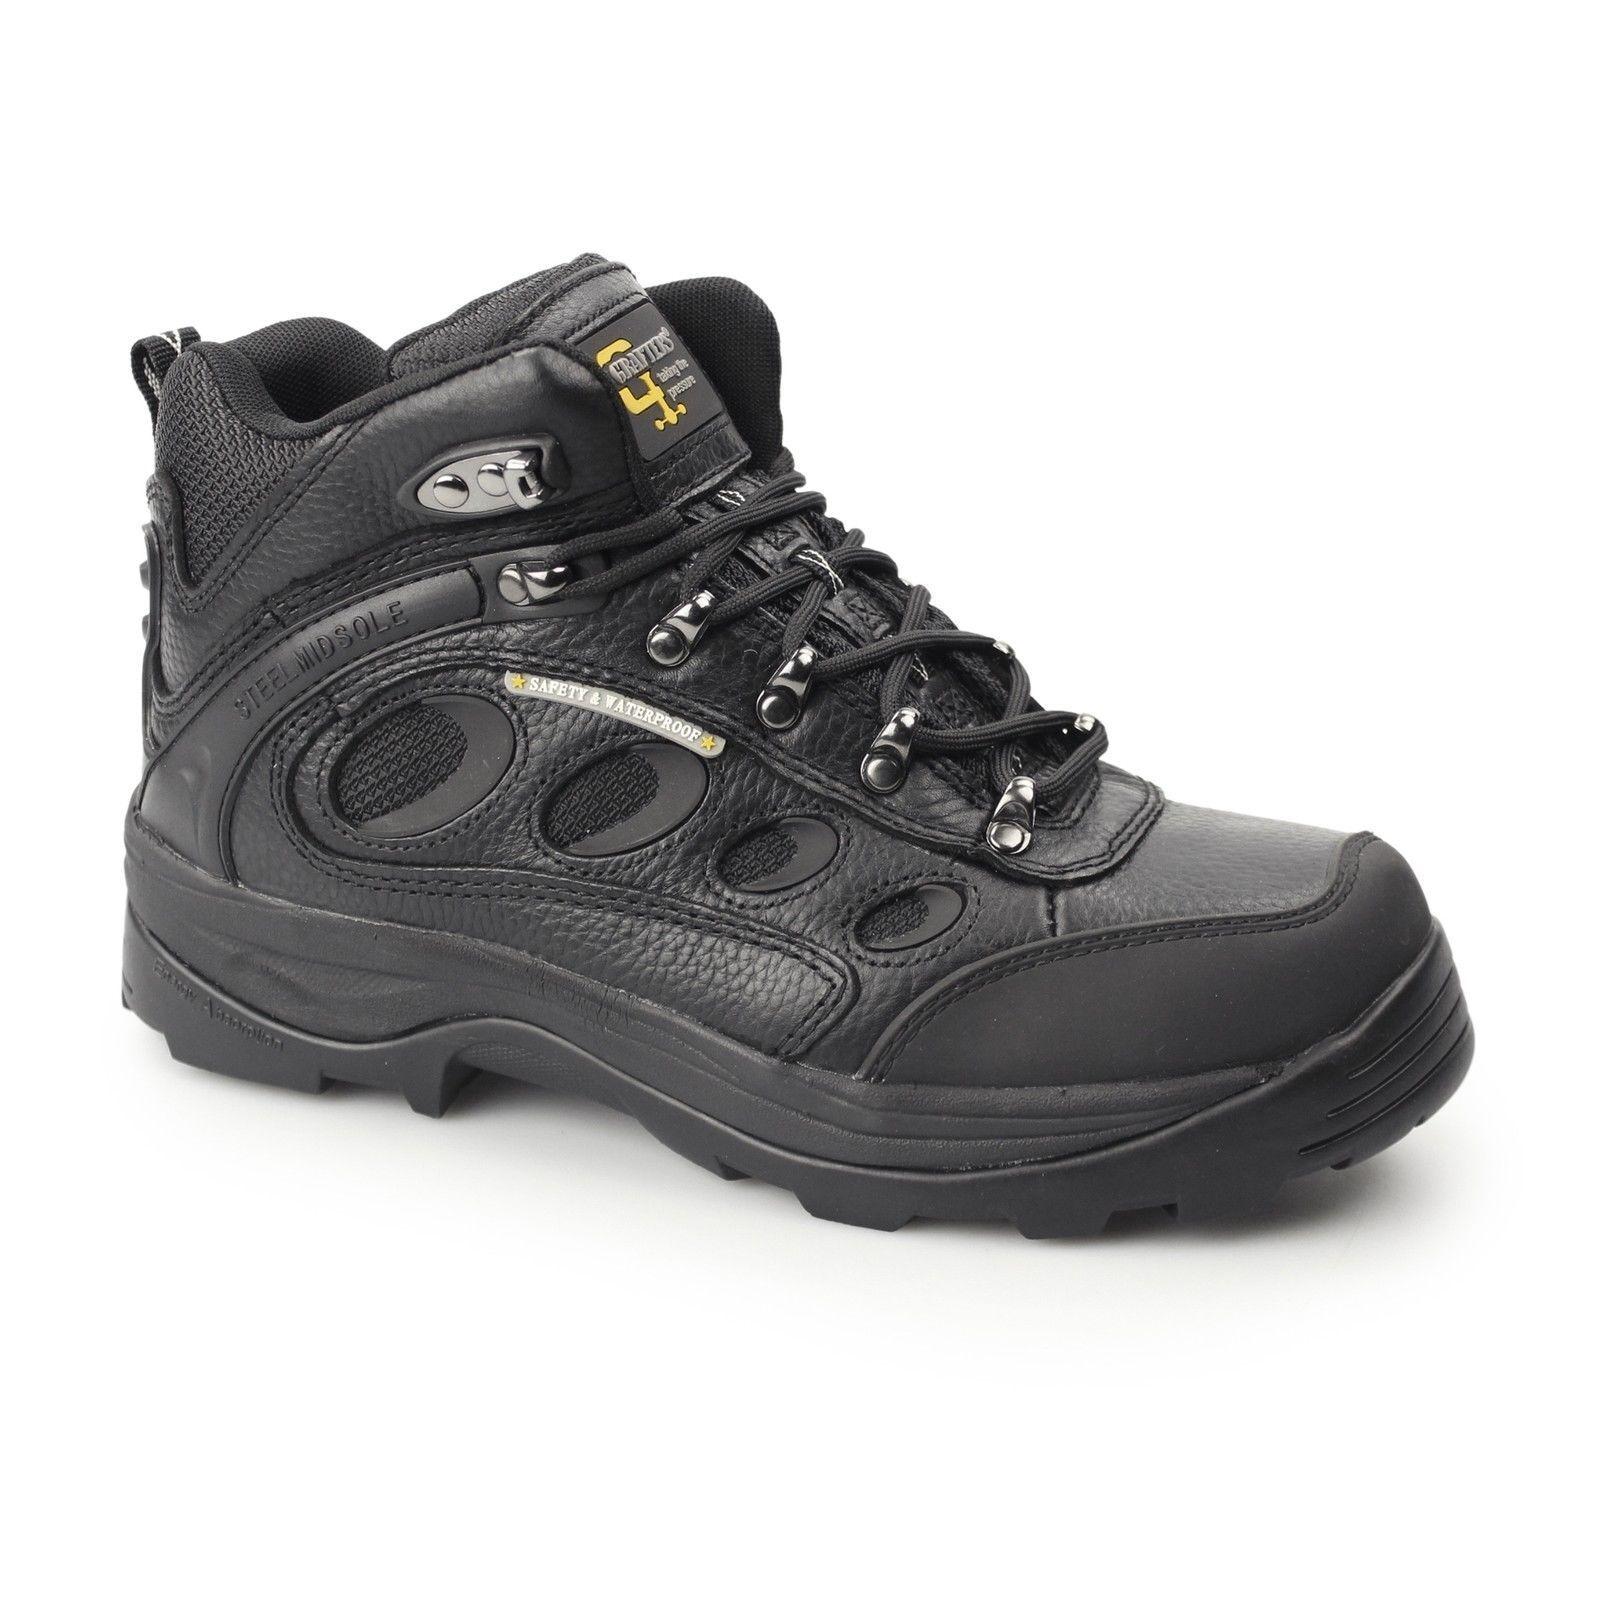 Da Uomo S3 tipo jontex Escursionista Stivali Di Sicurezza jontex tipo Impermeabile & Traspirante Membrana 6 -10 16569f